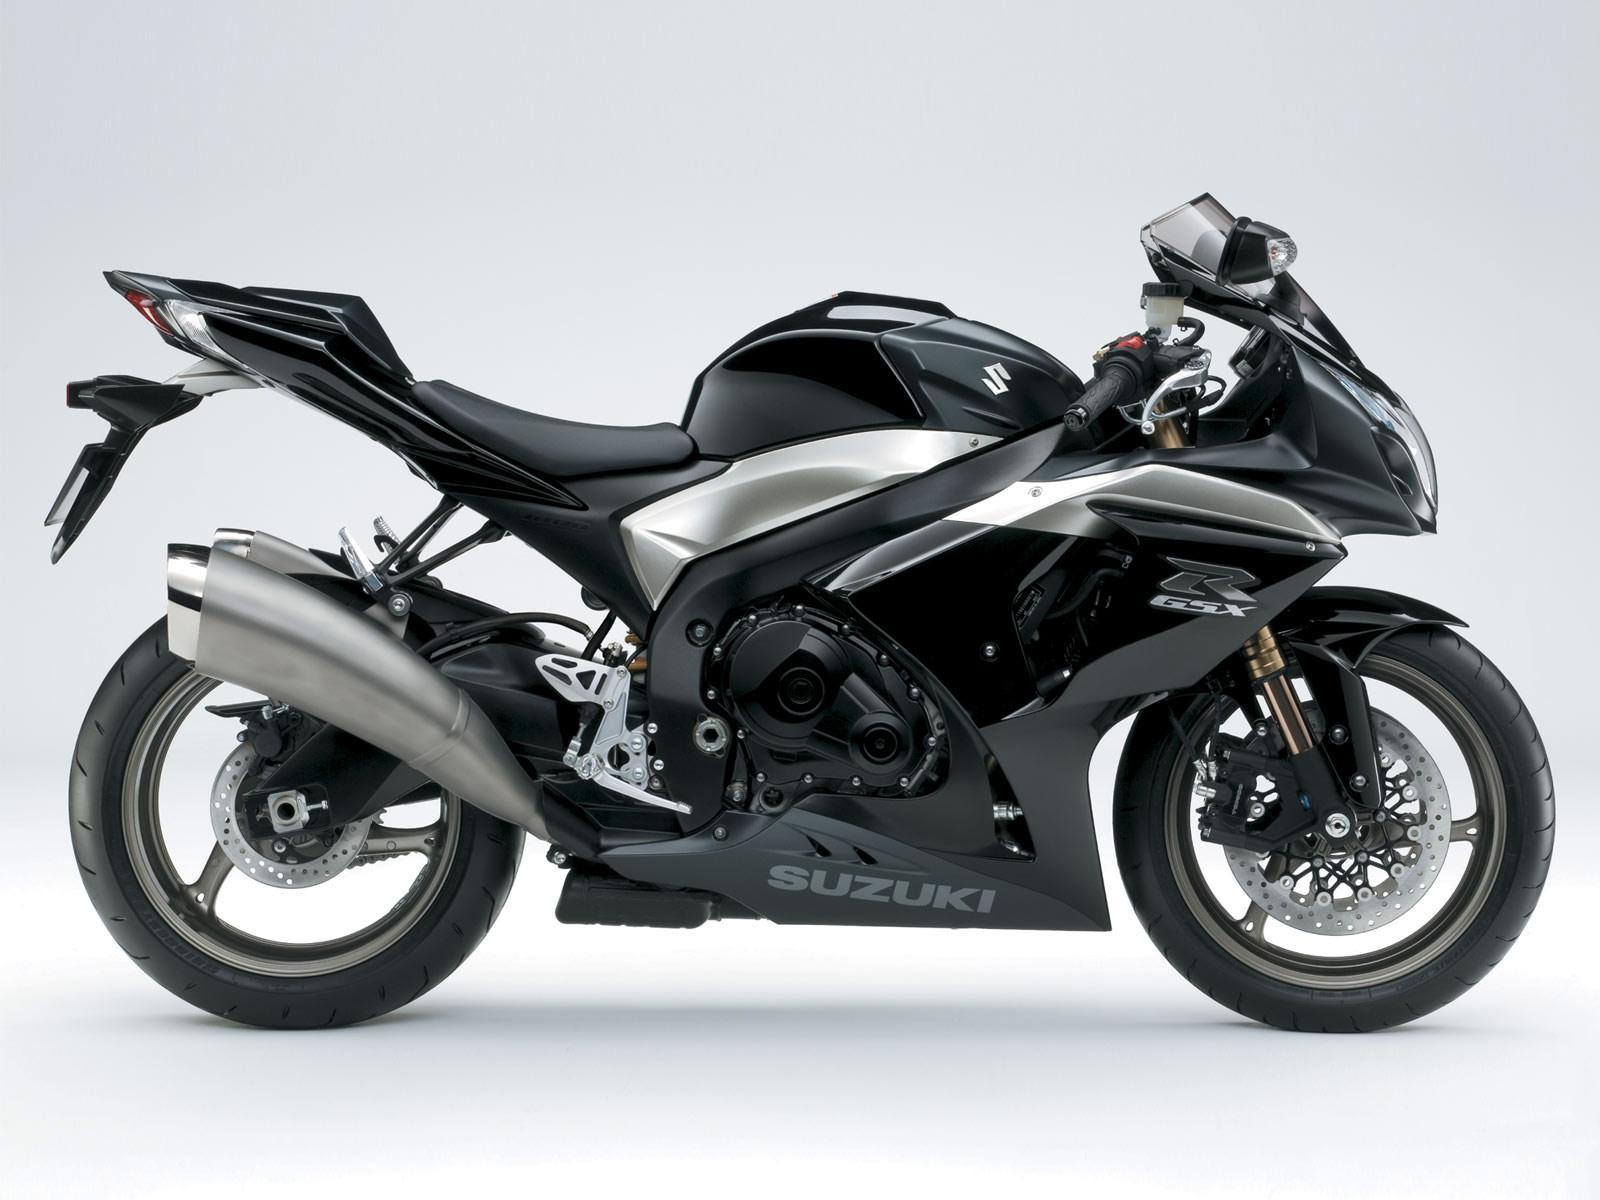 http://3.bp.blogspot.com/-kQDNuBs0EEU/TpzqaIkEpCI/AAAAAAAACbE/Lb26lK4zkKk/s1600/2009_suzuki_GSX-R1000_motorcycle-desktop-wallpaper_10.jpg